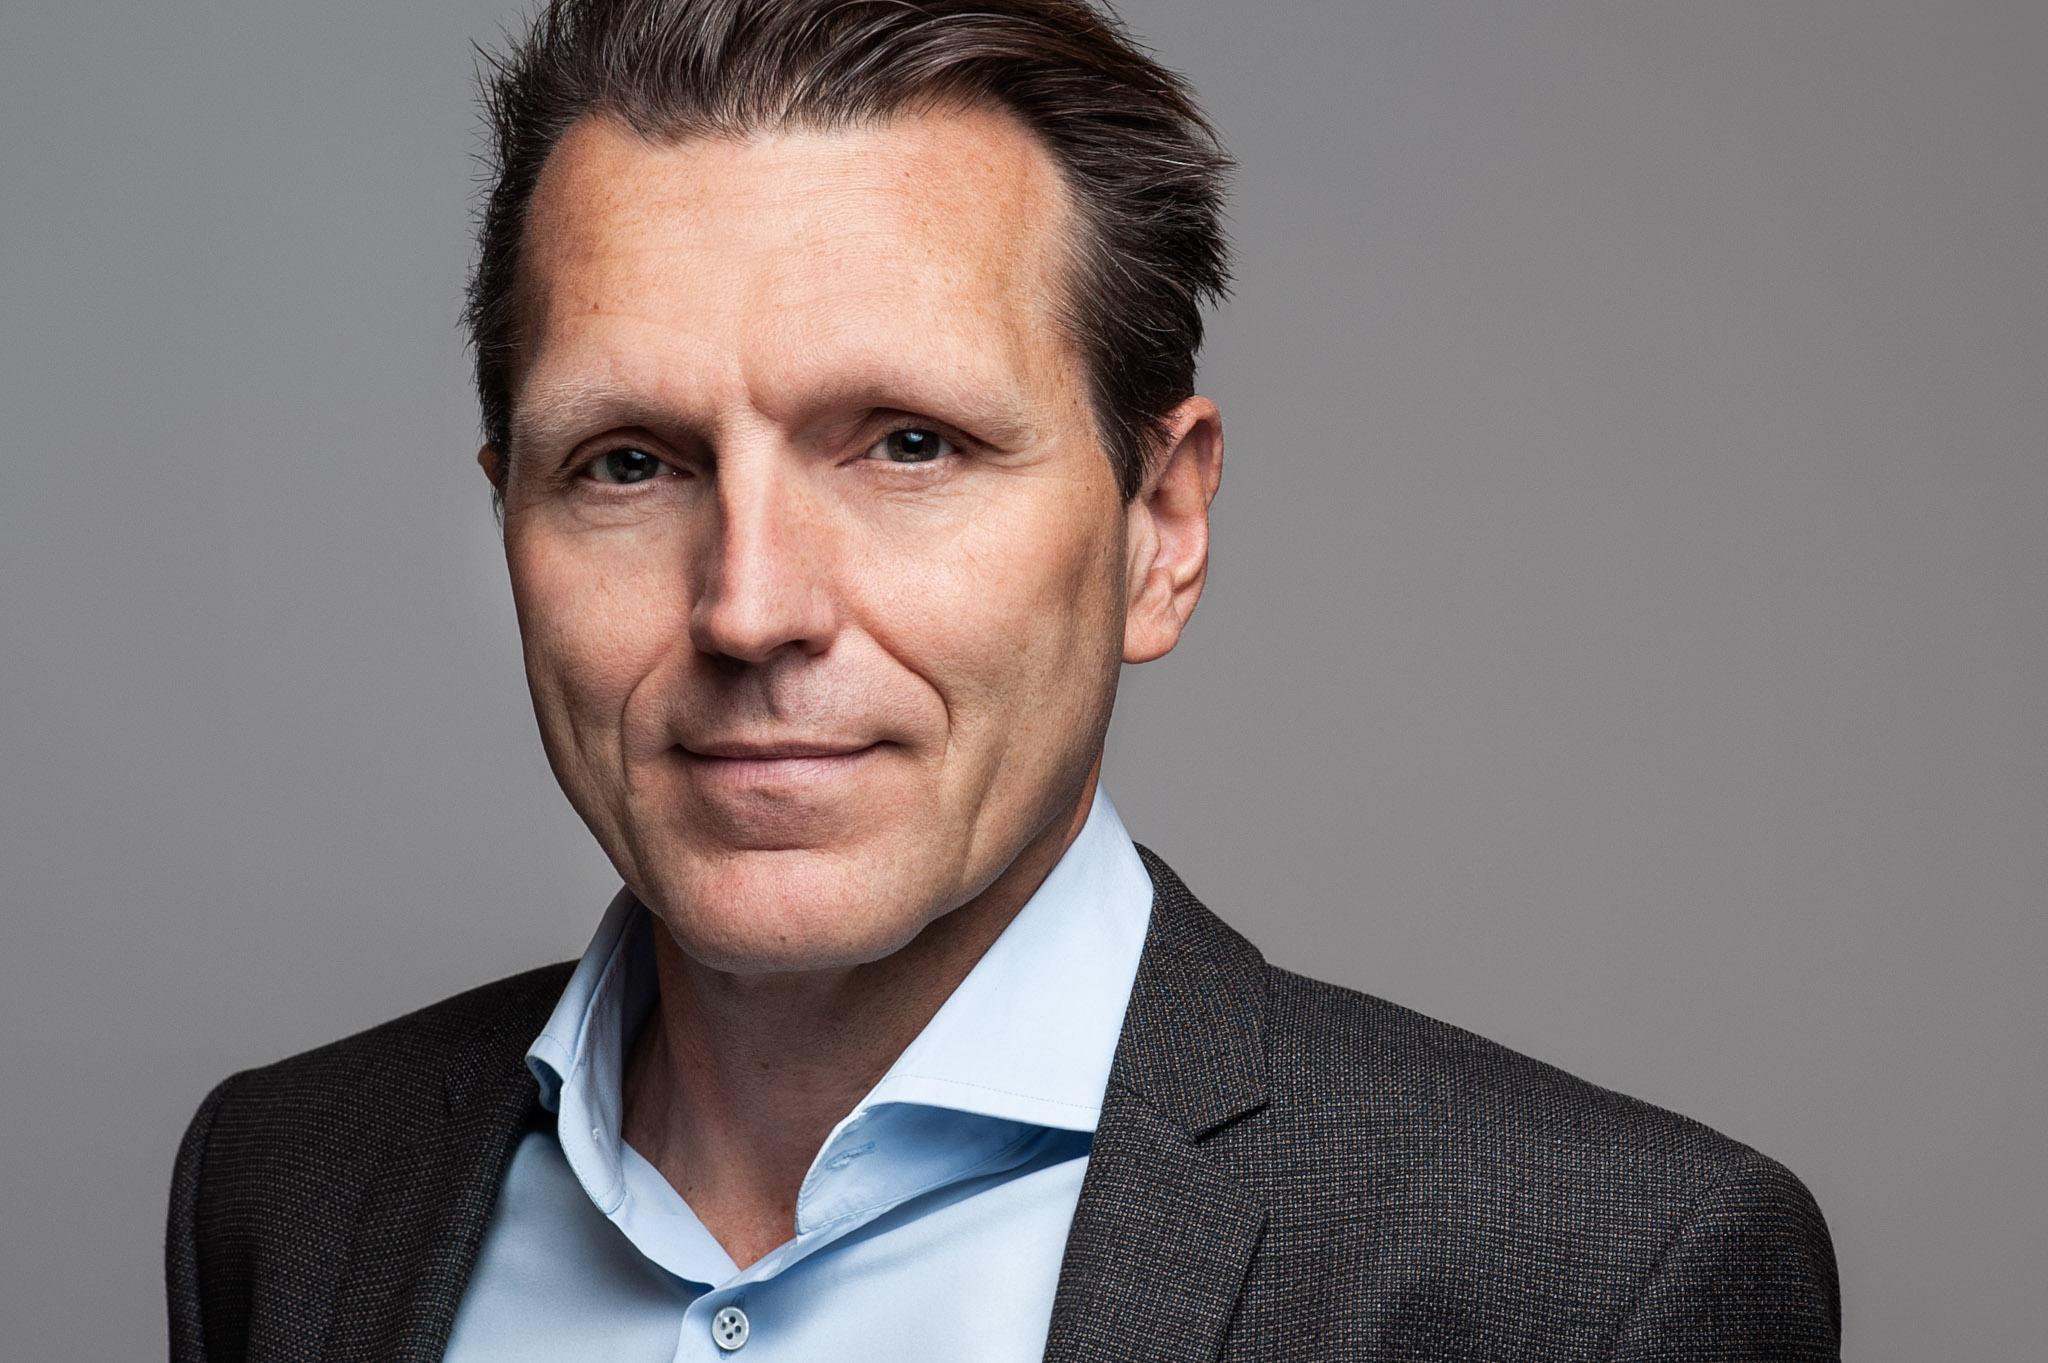 Sveriges Annonsörers vd lämnar - jakten på ersättaren inledd